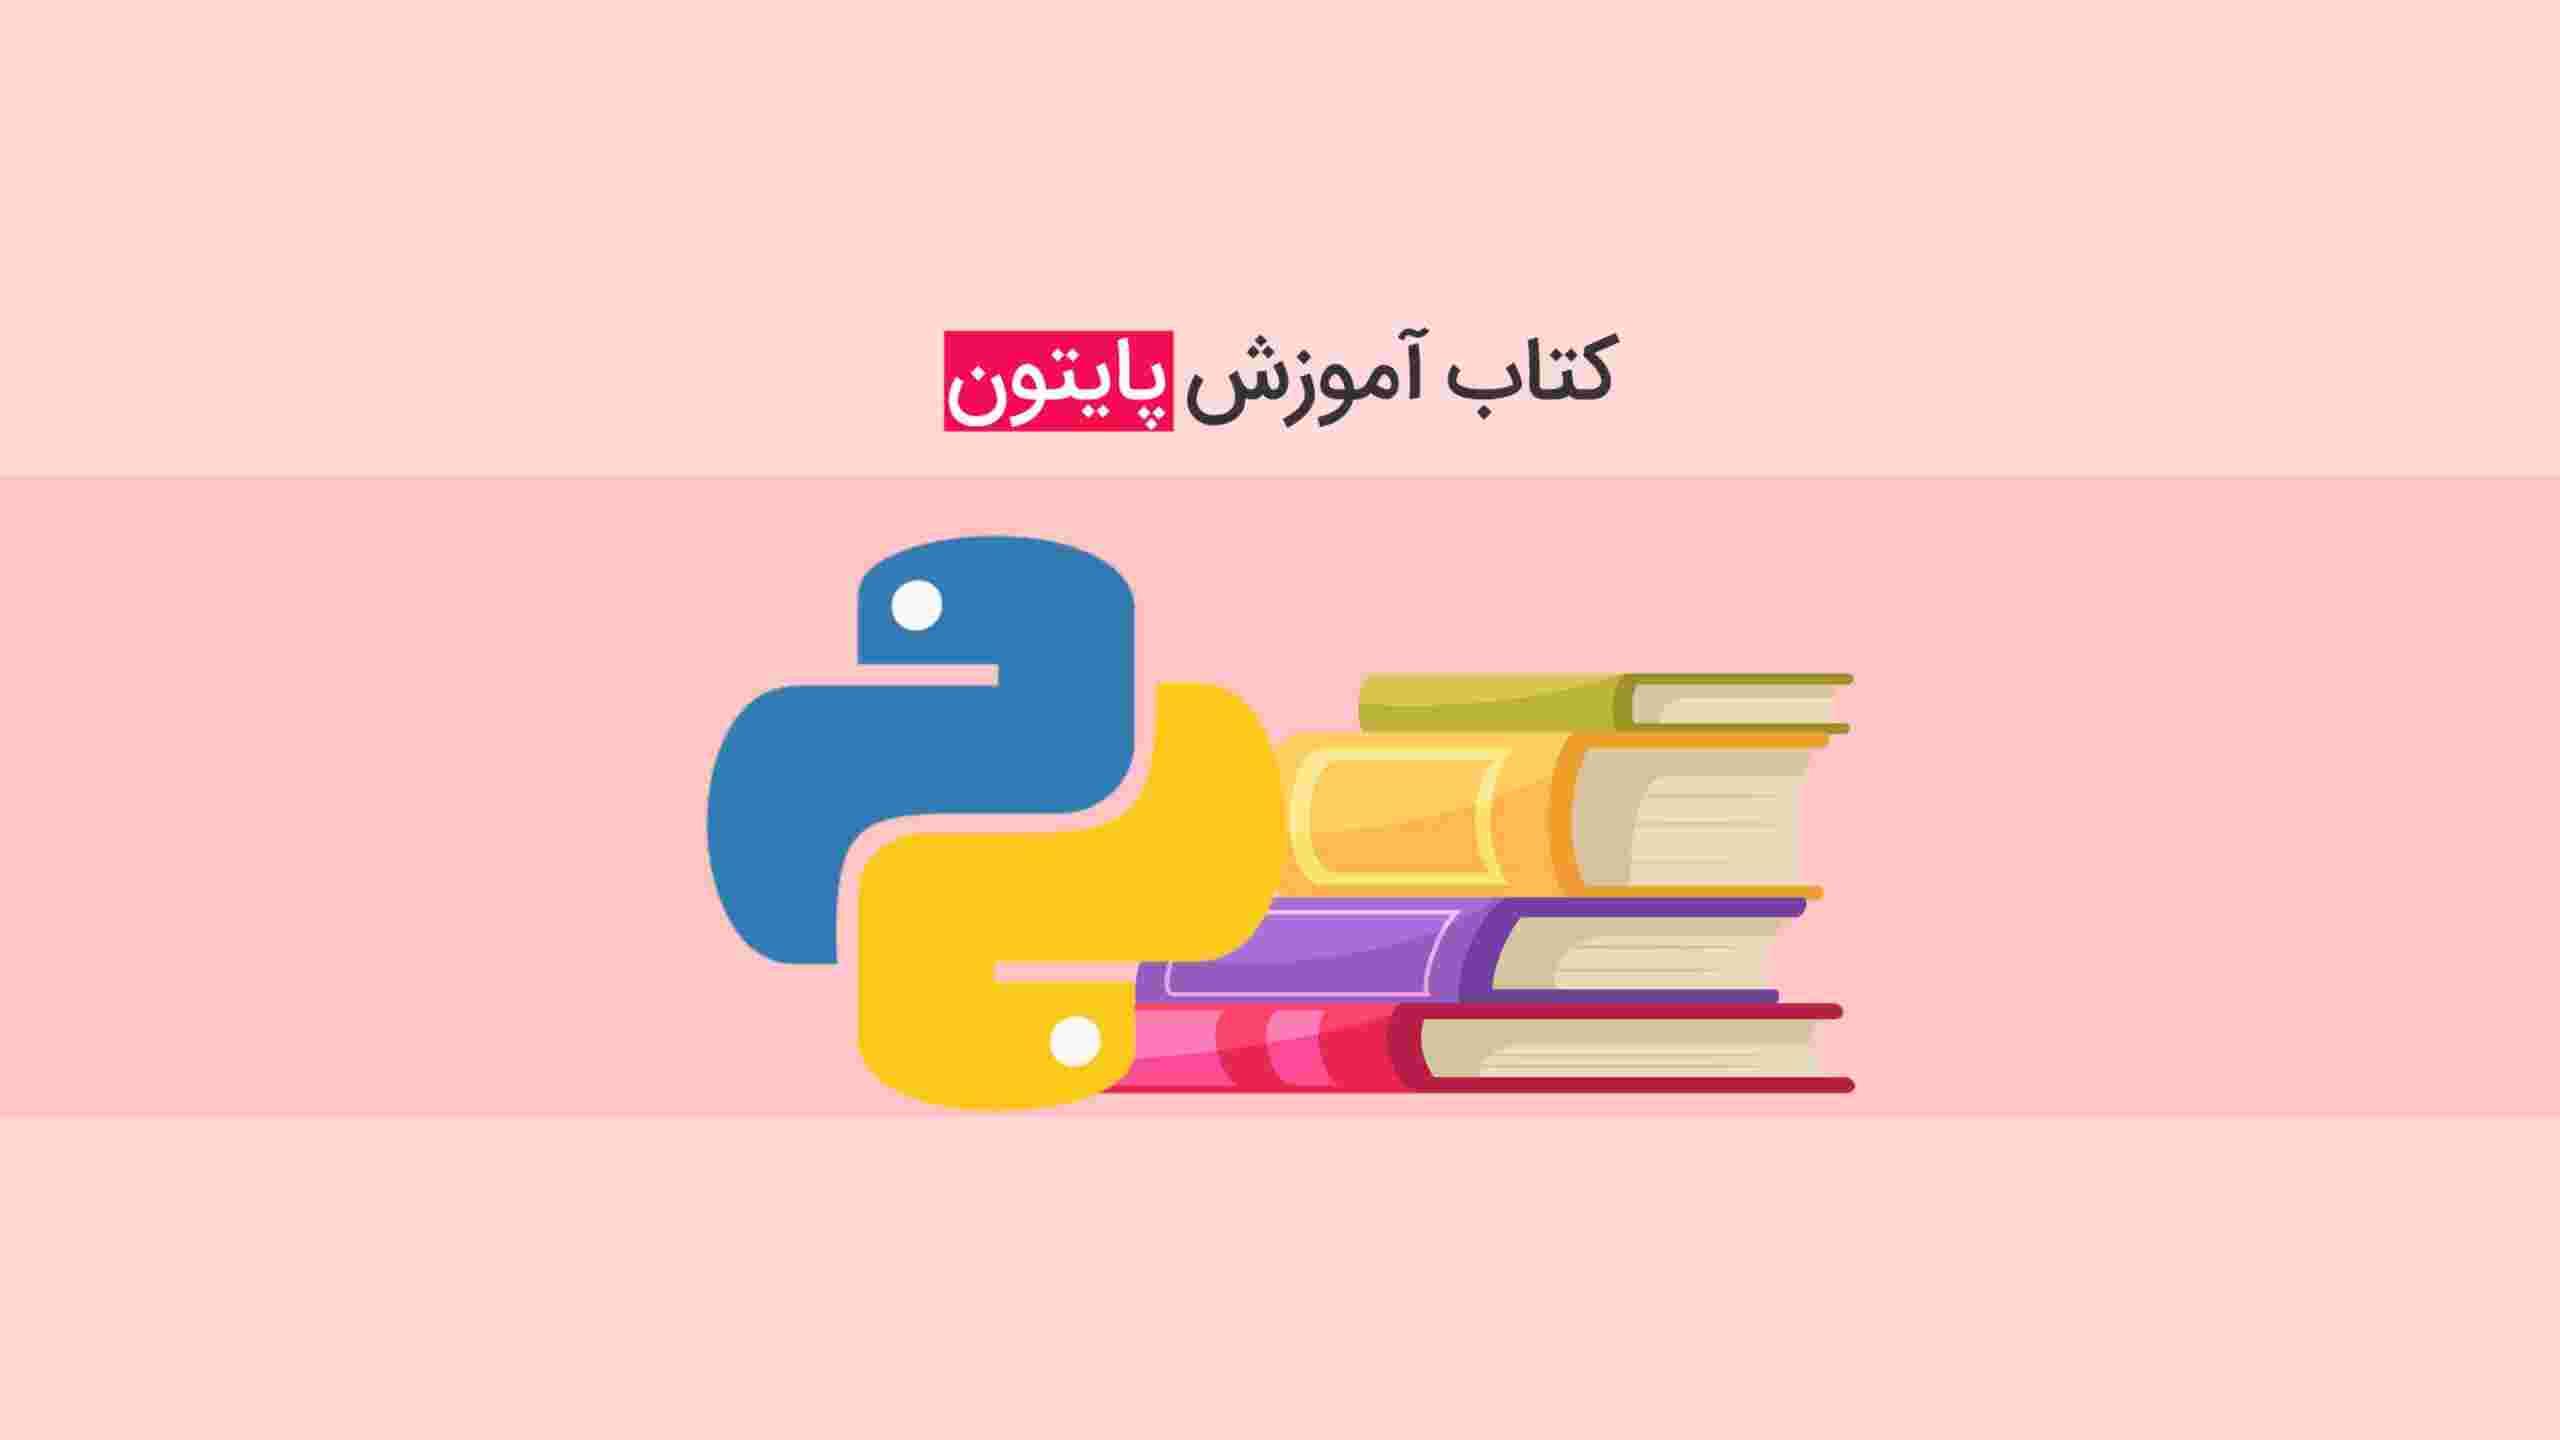 معرفی 10 کتاب برتر آموزش پایتون در ایران و جهان